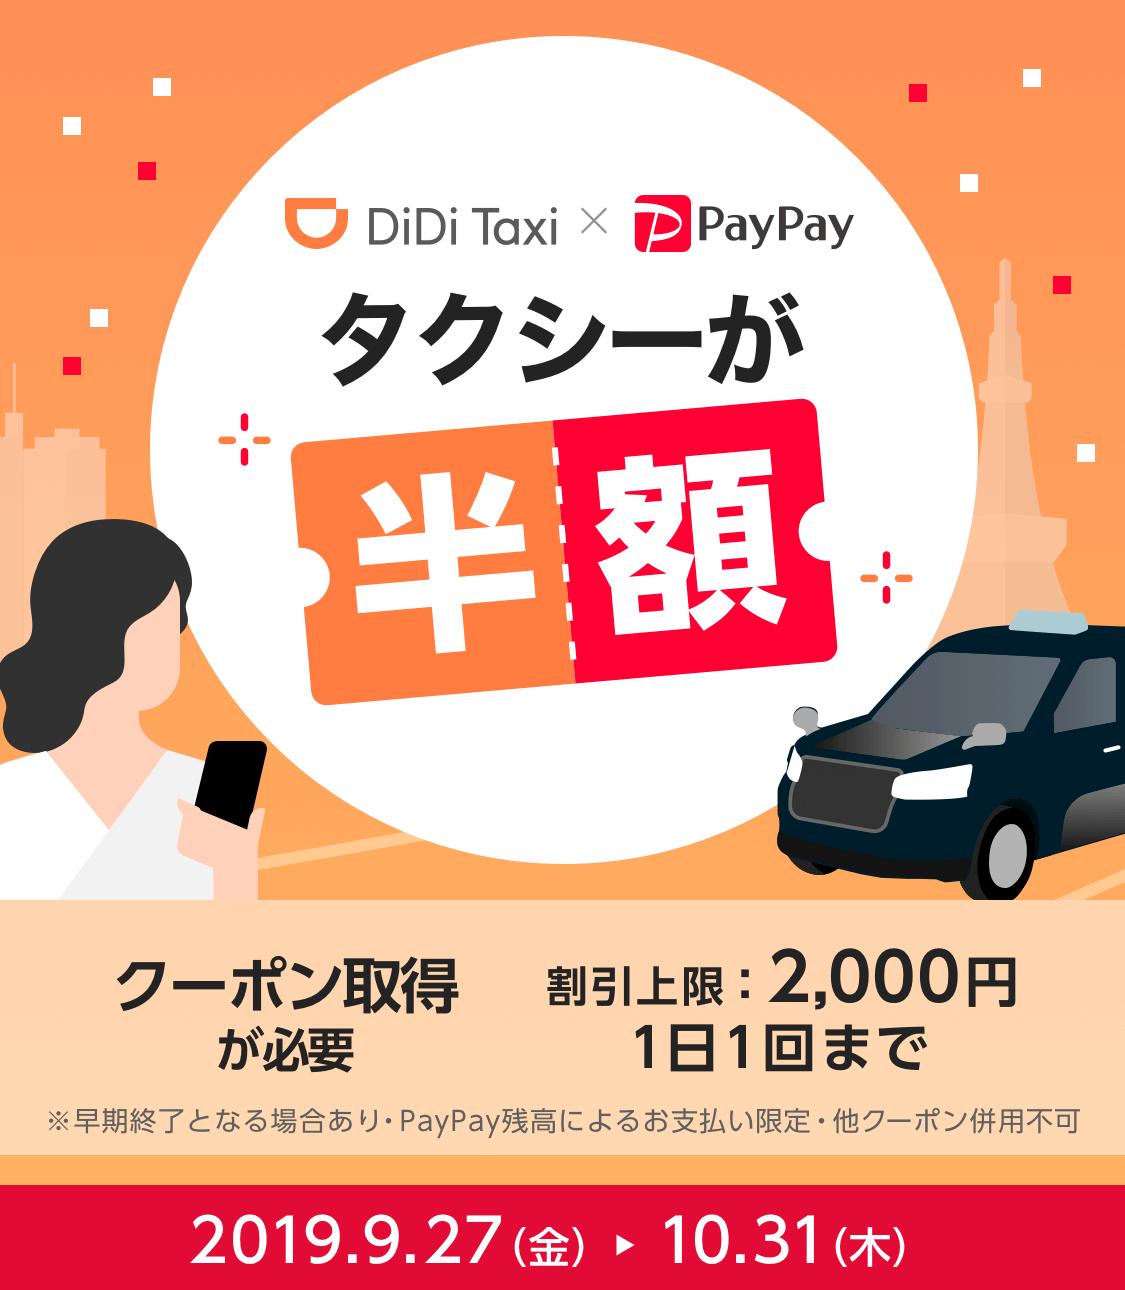 タクシーが半額 クーポン取得が必要 割引上限:2,000円 1日1回まで